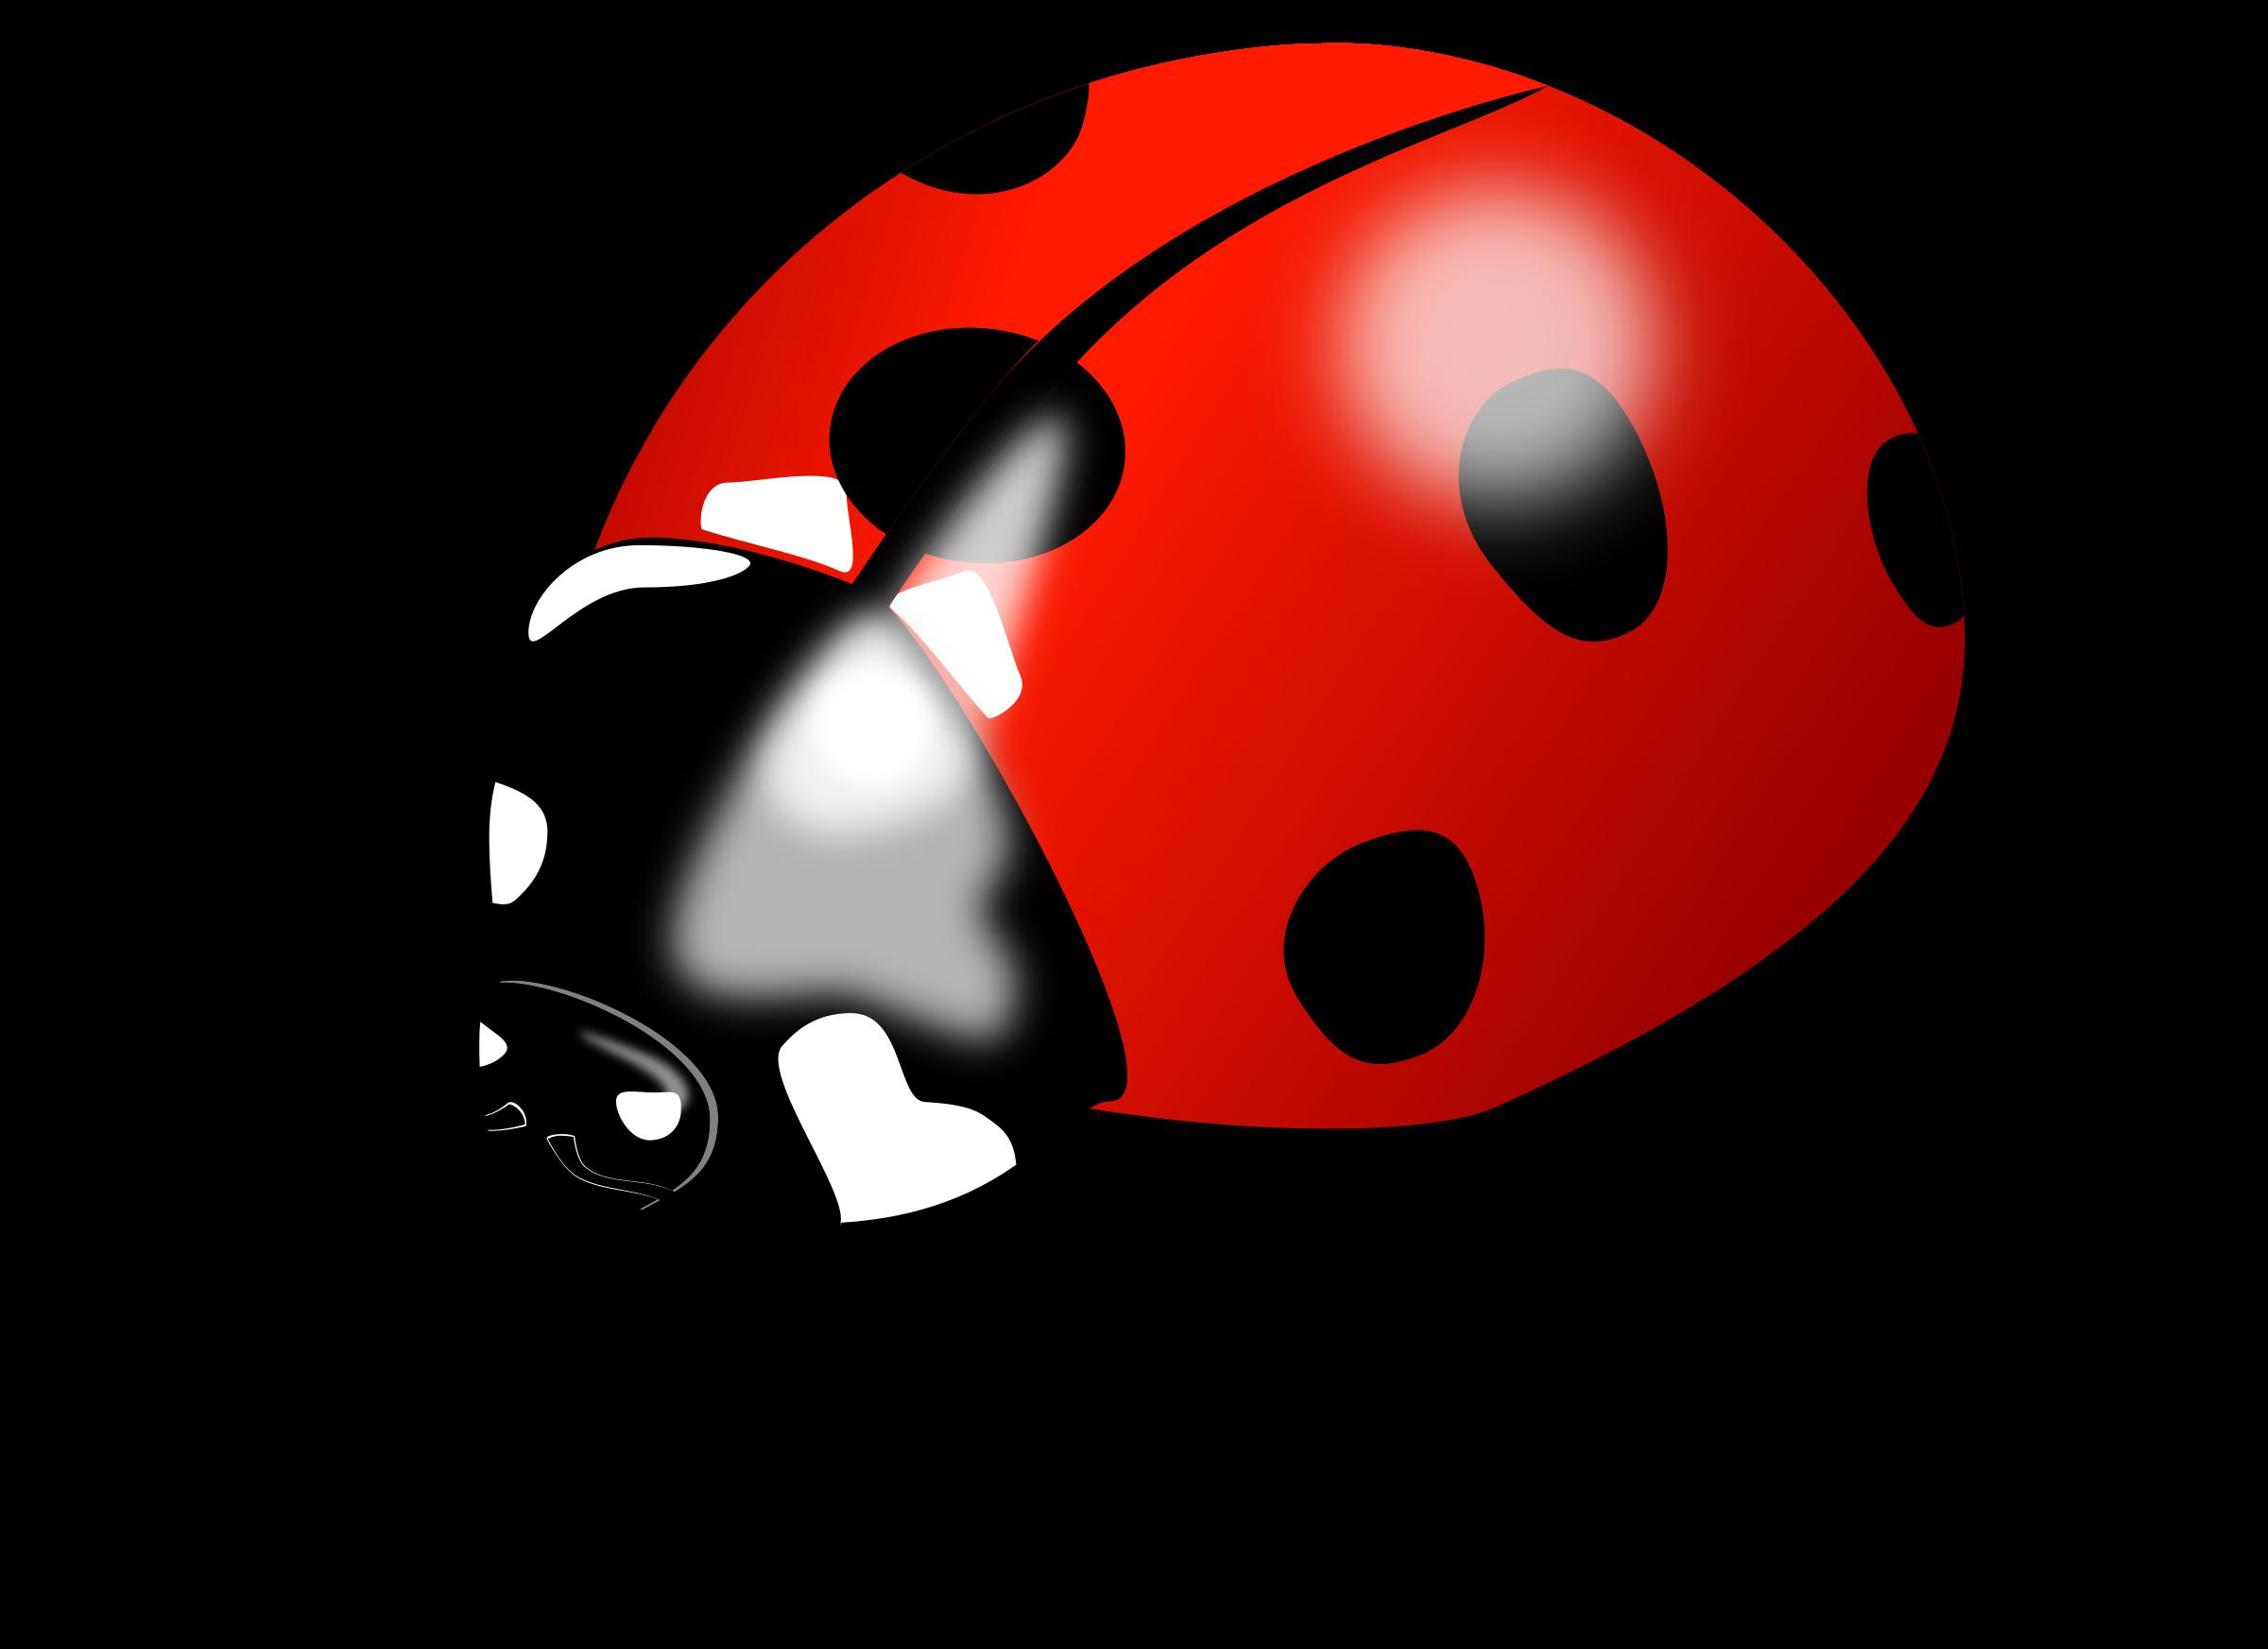 png ladybird transparent png images pluspng